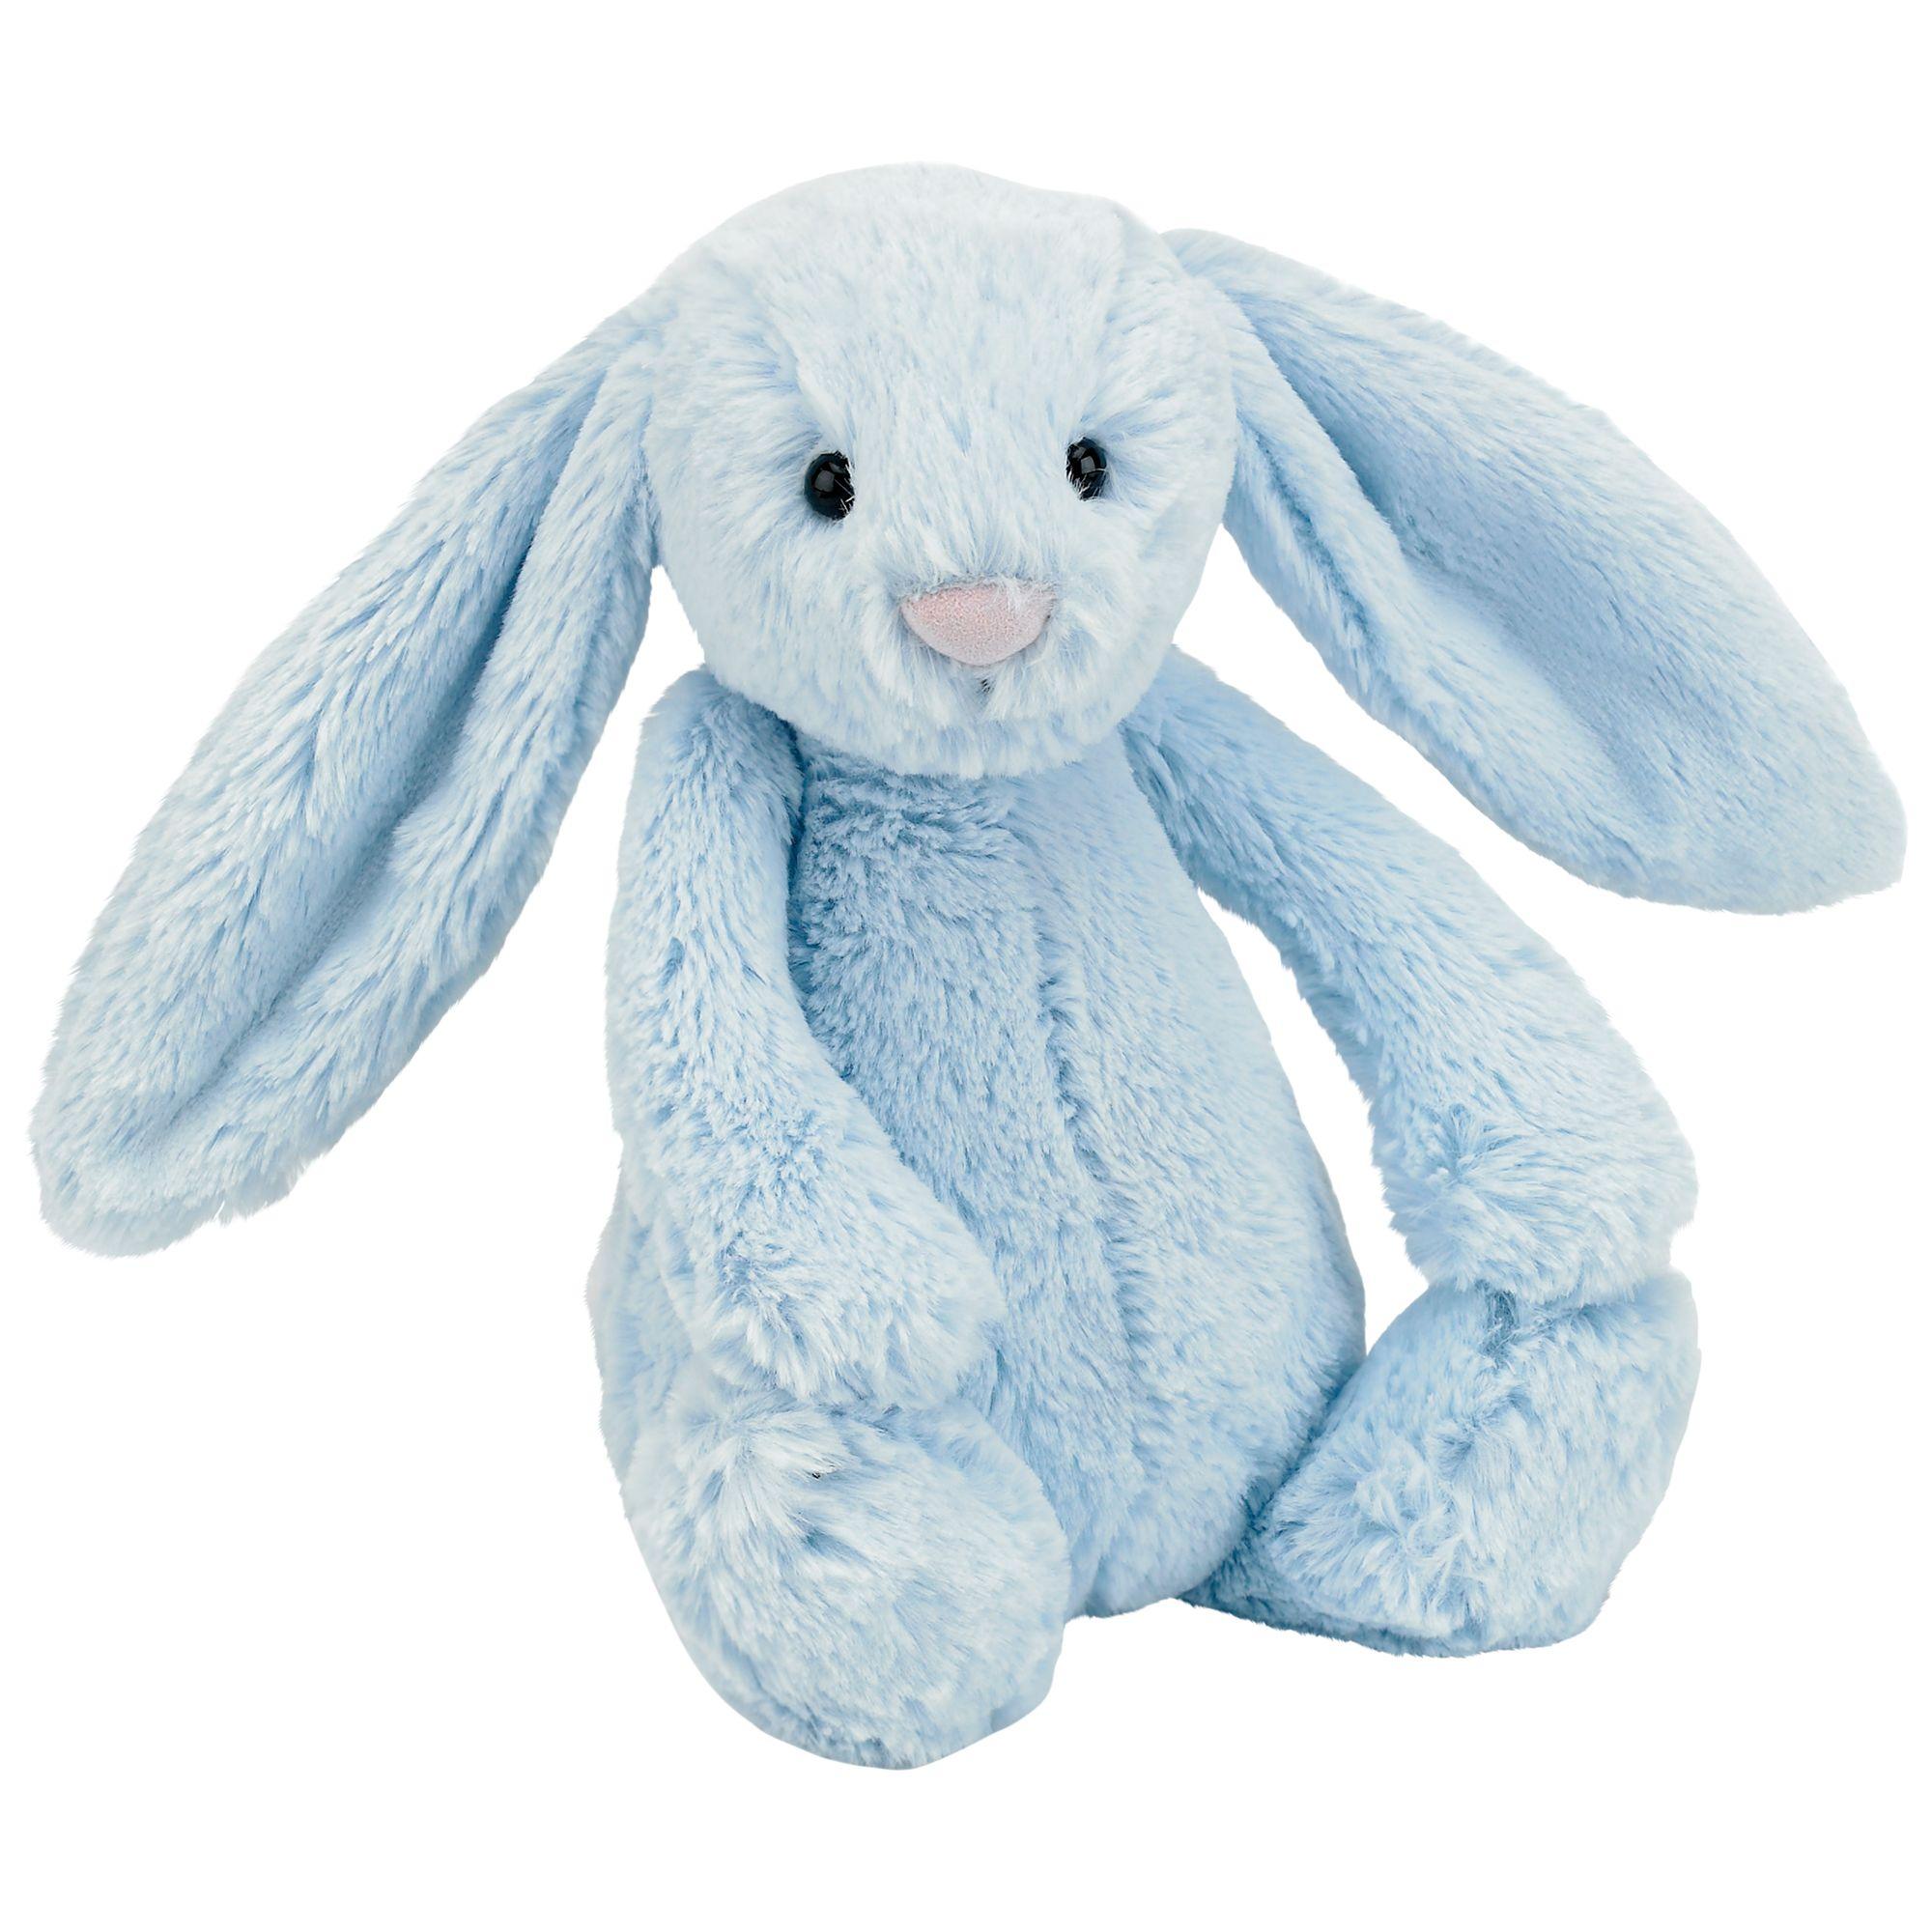 Jellycat Jellycat Bashful Bunny Soft Toy, Medium, Blue